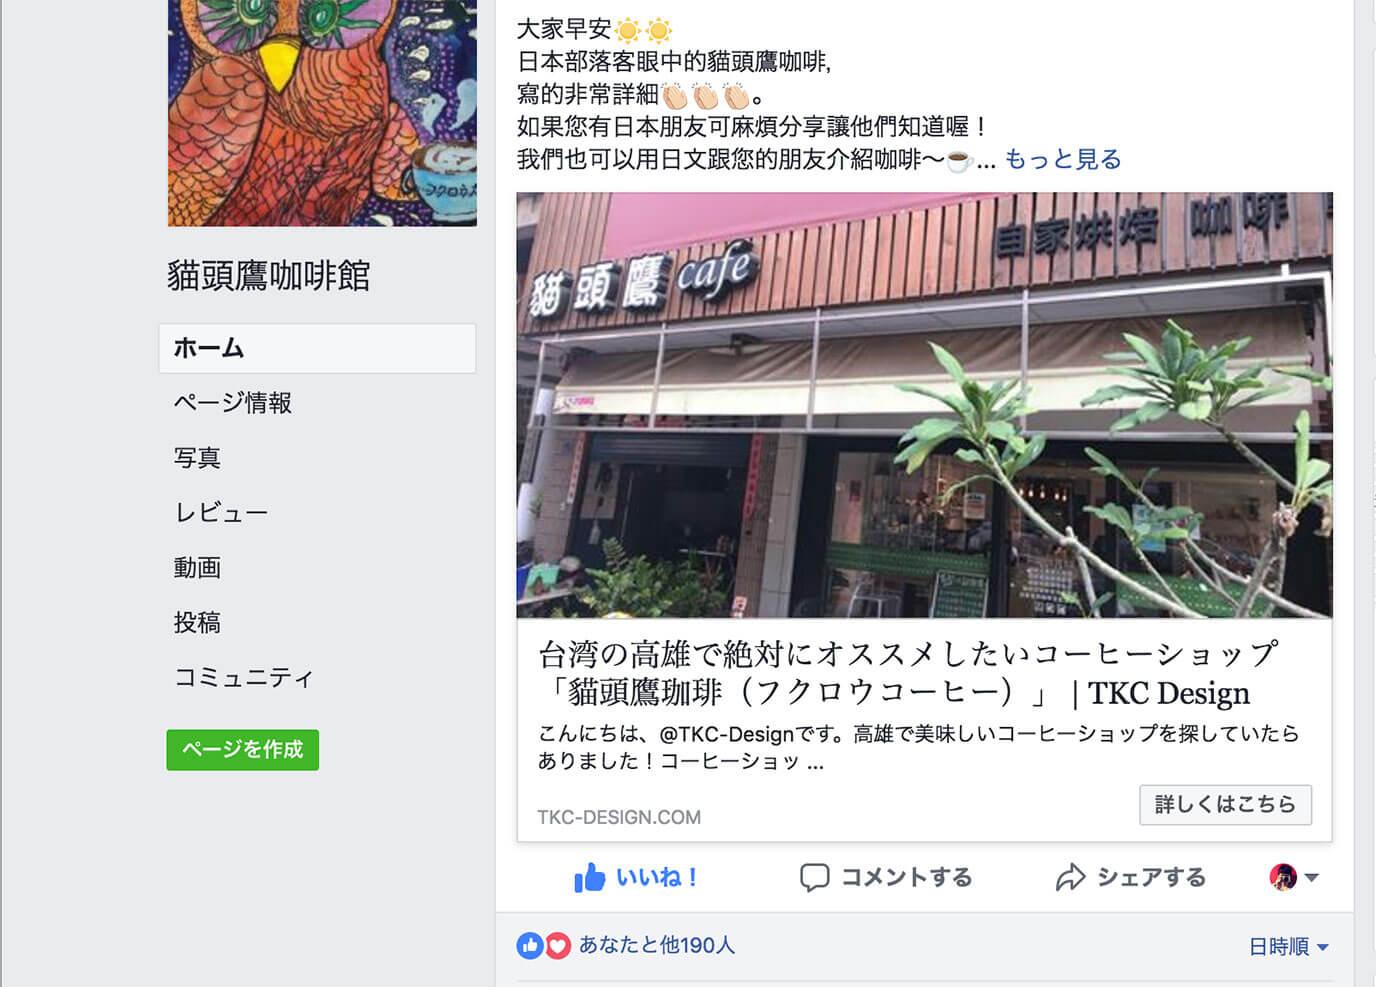 そうするとイイねが190を超えて台湾人の方のアクセスが爆発的に上がりました。 日本が好きな人が多いと聞いていましたが予想以上の反響でびっくりしています